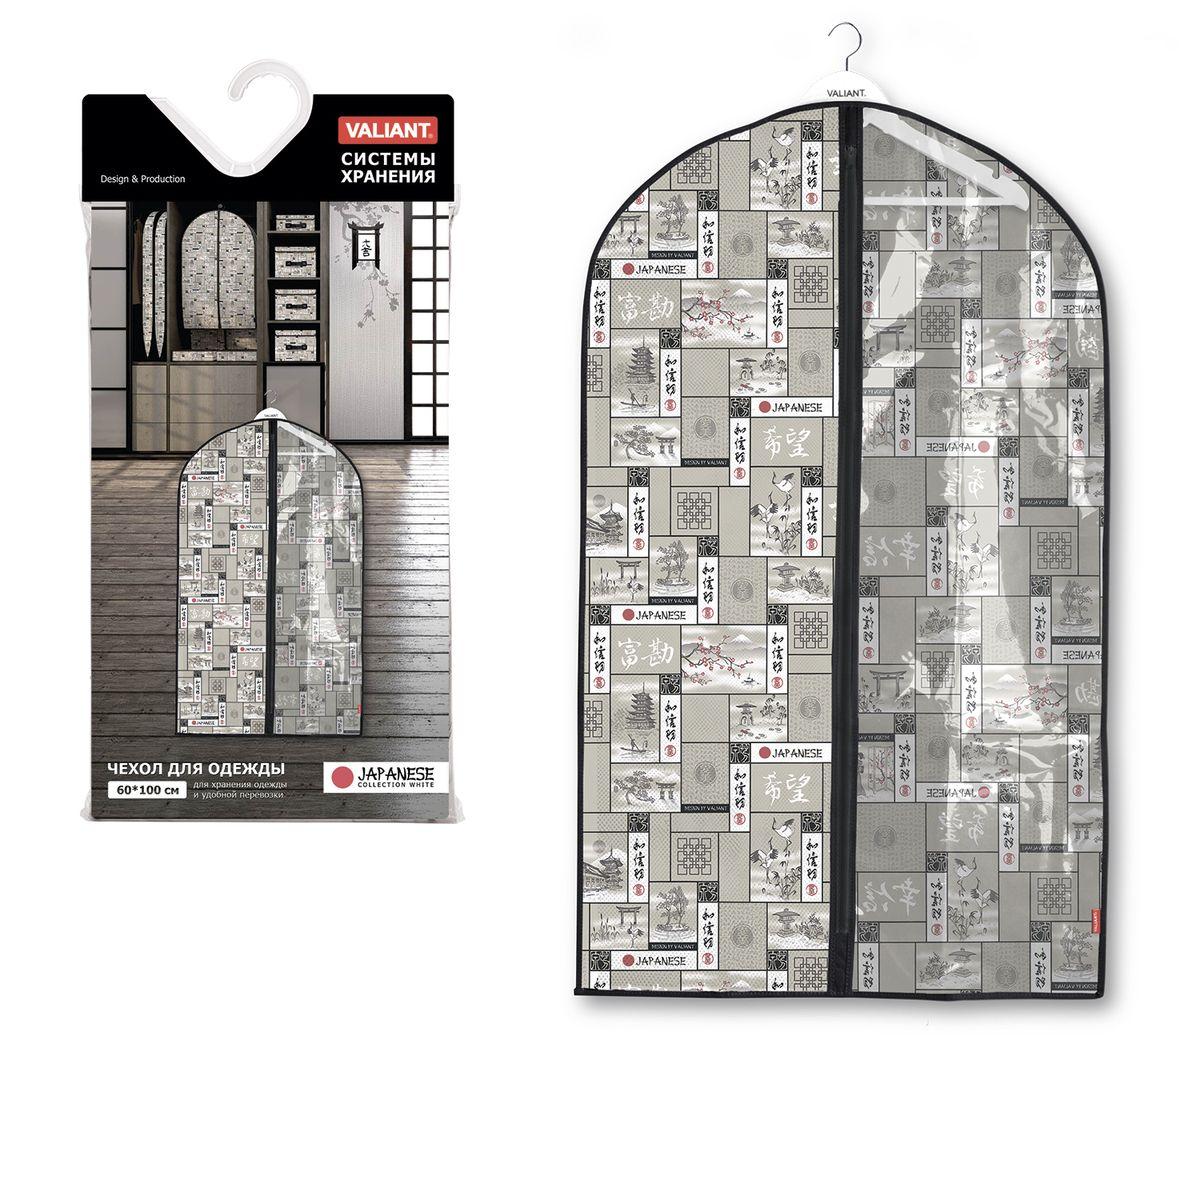 Чехол для одежды Valiant Japanese White, с прозрачной вставкой, 60 х 100 х 10 смJW-CW-100Удобный чехол для одежды Valiant Japanese White, выполненный из высококачественного нетканого материала, идеально подойдет для транспортировки и хранения одежды. Материал позволяет воздуху свободно проникать внутрь, не пропуская пыль. Такой чехол защитит одежду от повреждений, пыли, моли, влаги и загрязнений во время хранения и транспортировки. Специальная прозрачная вставка позволяет видеть содержимое чехла, не открывая его.